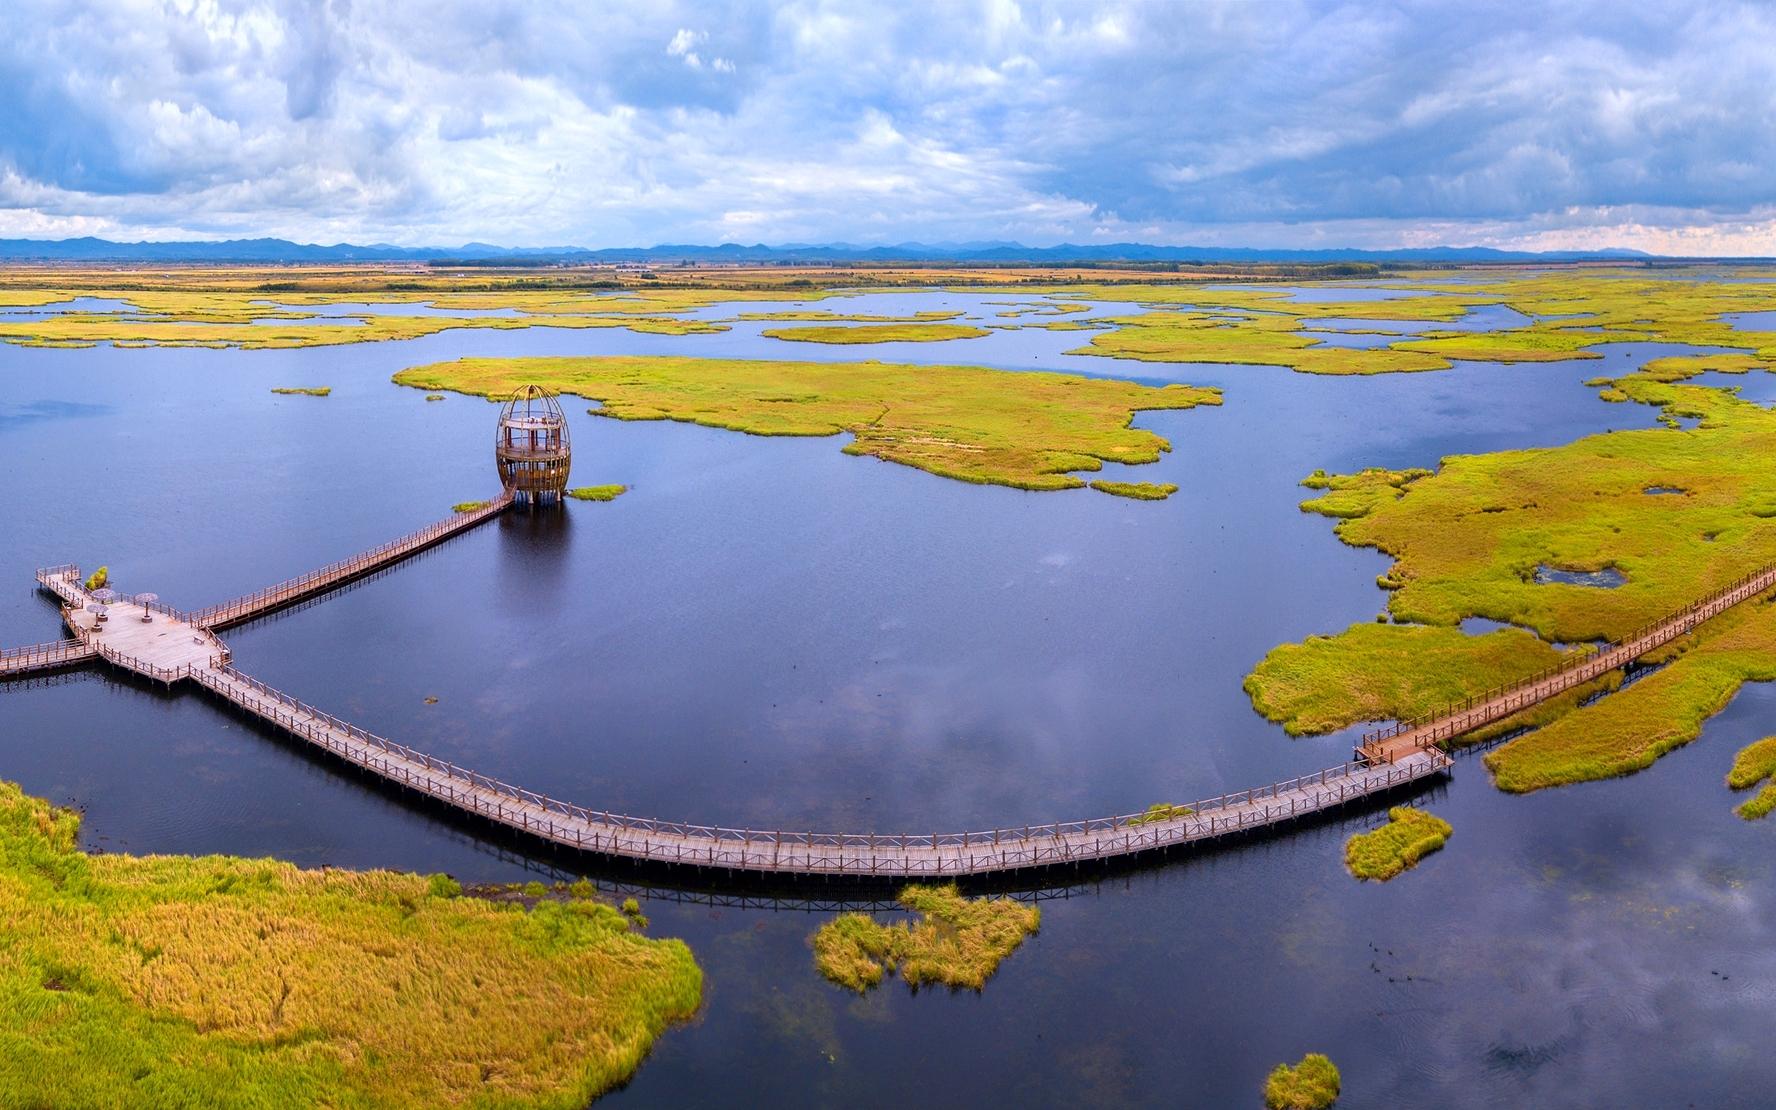 千鸟湖湿地